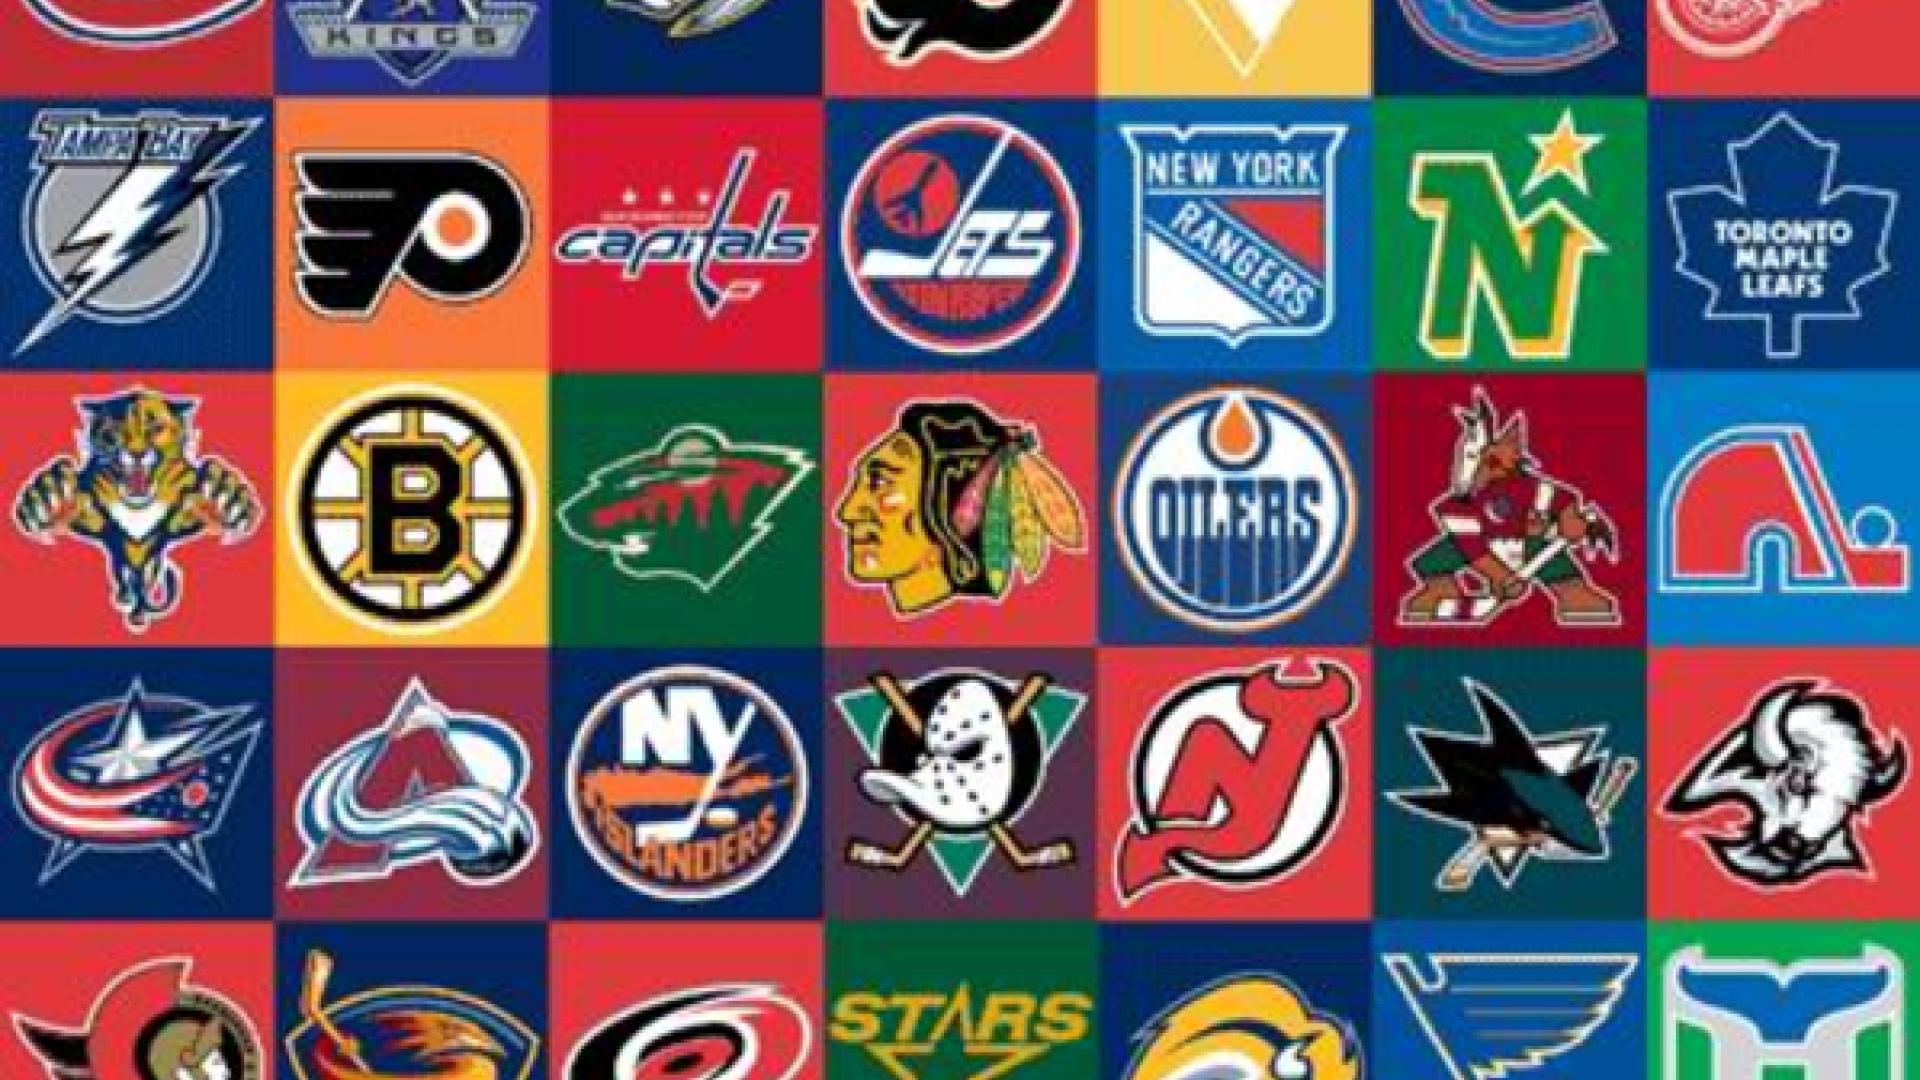 Les quipes de la ligue nationale hockey 2015 canadiens - Ligue nationale de hockey ...